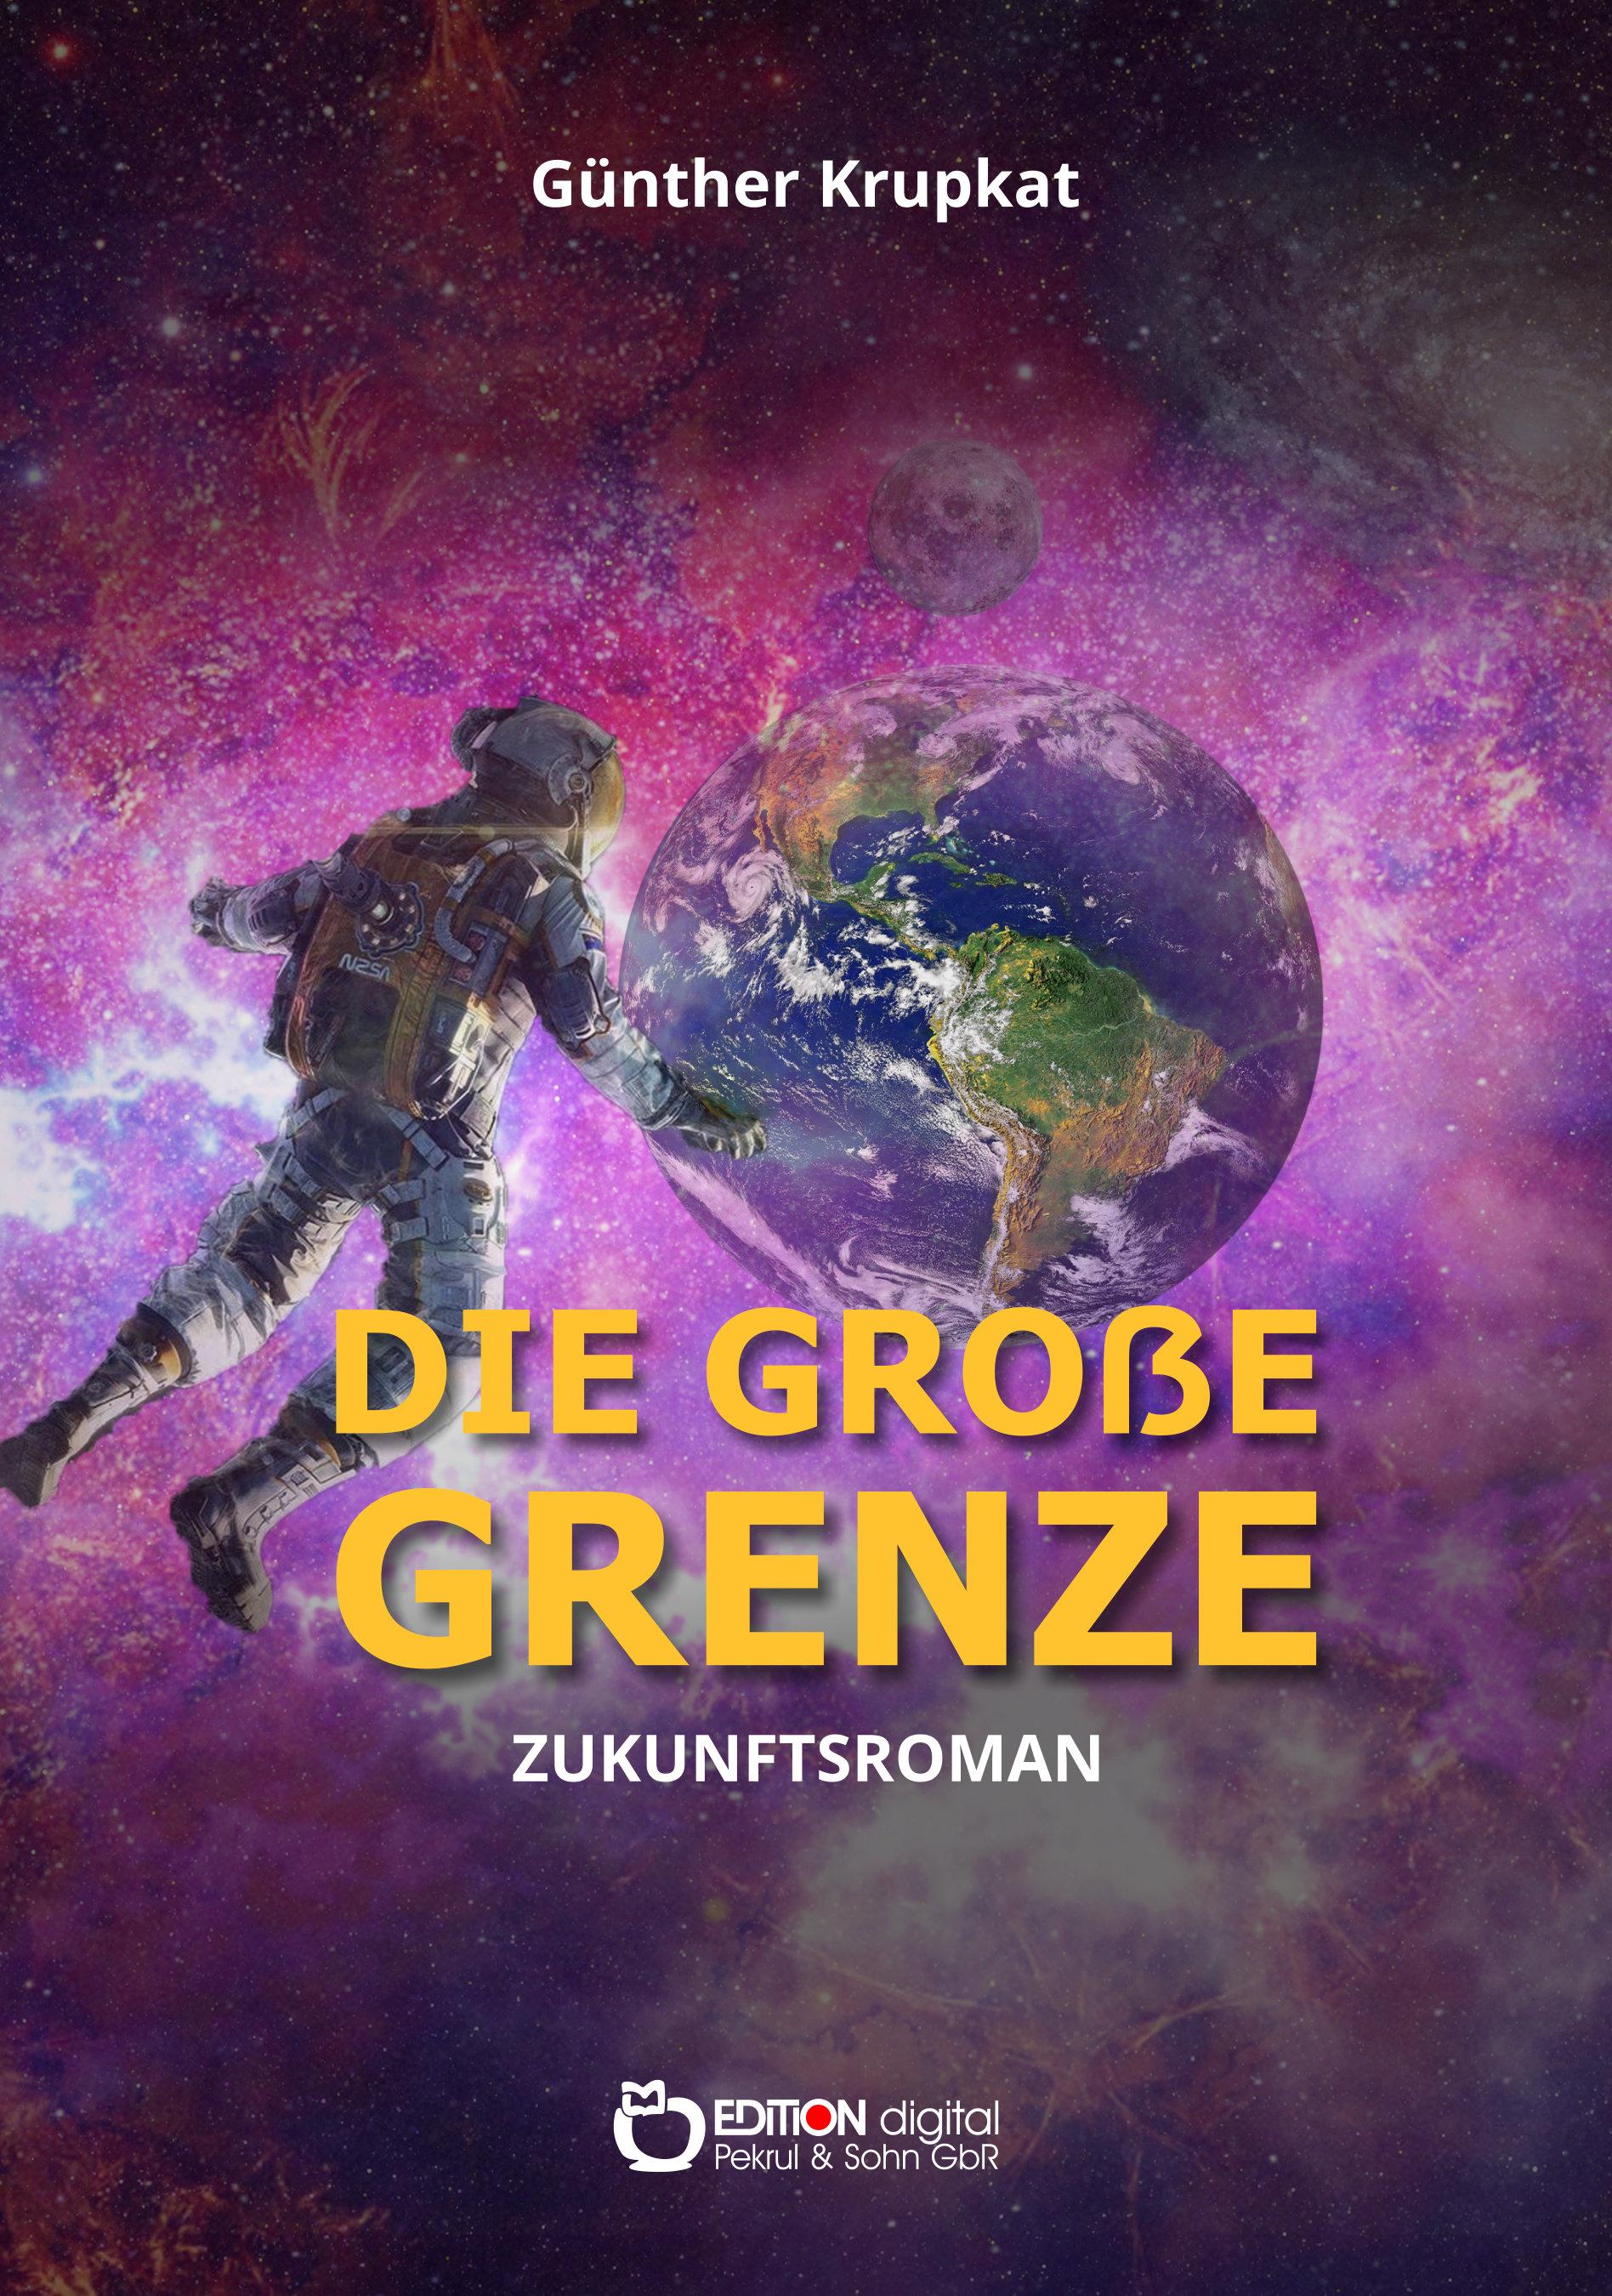 Die große Grenze. Zukunftsroman von Günther Krupkat